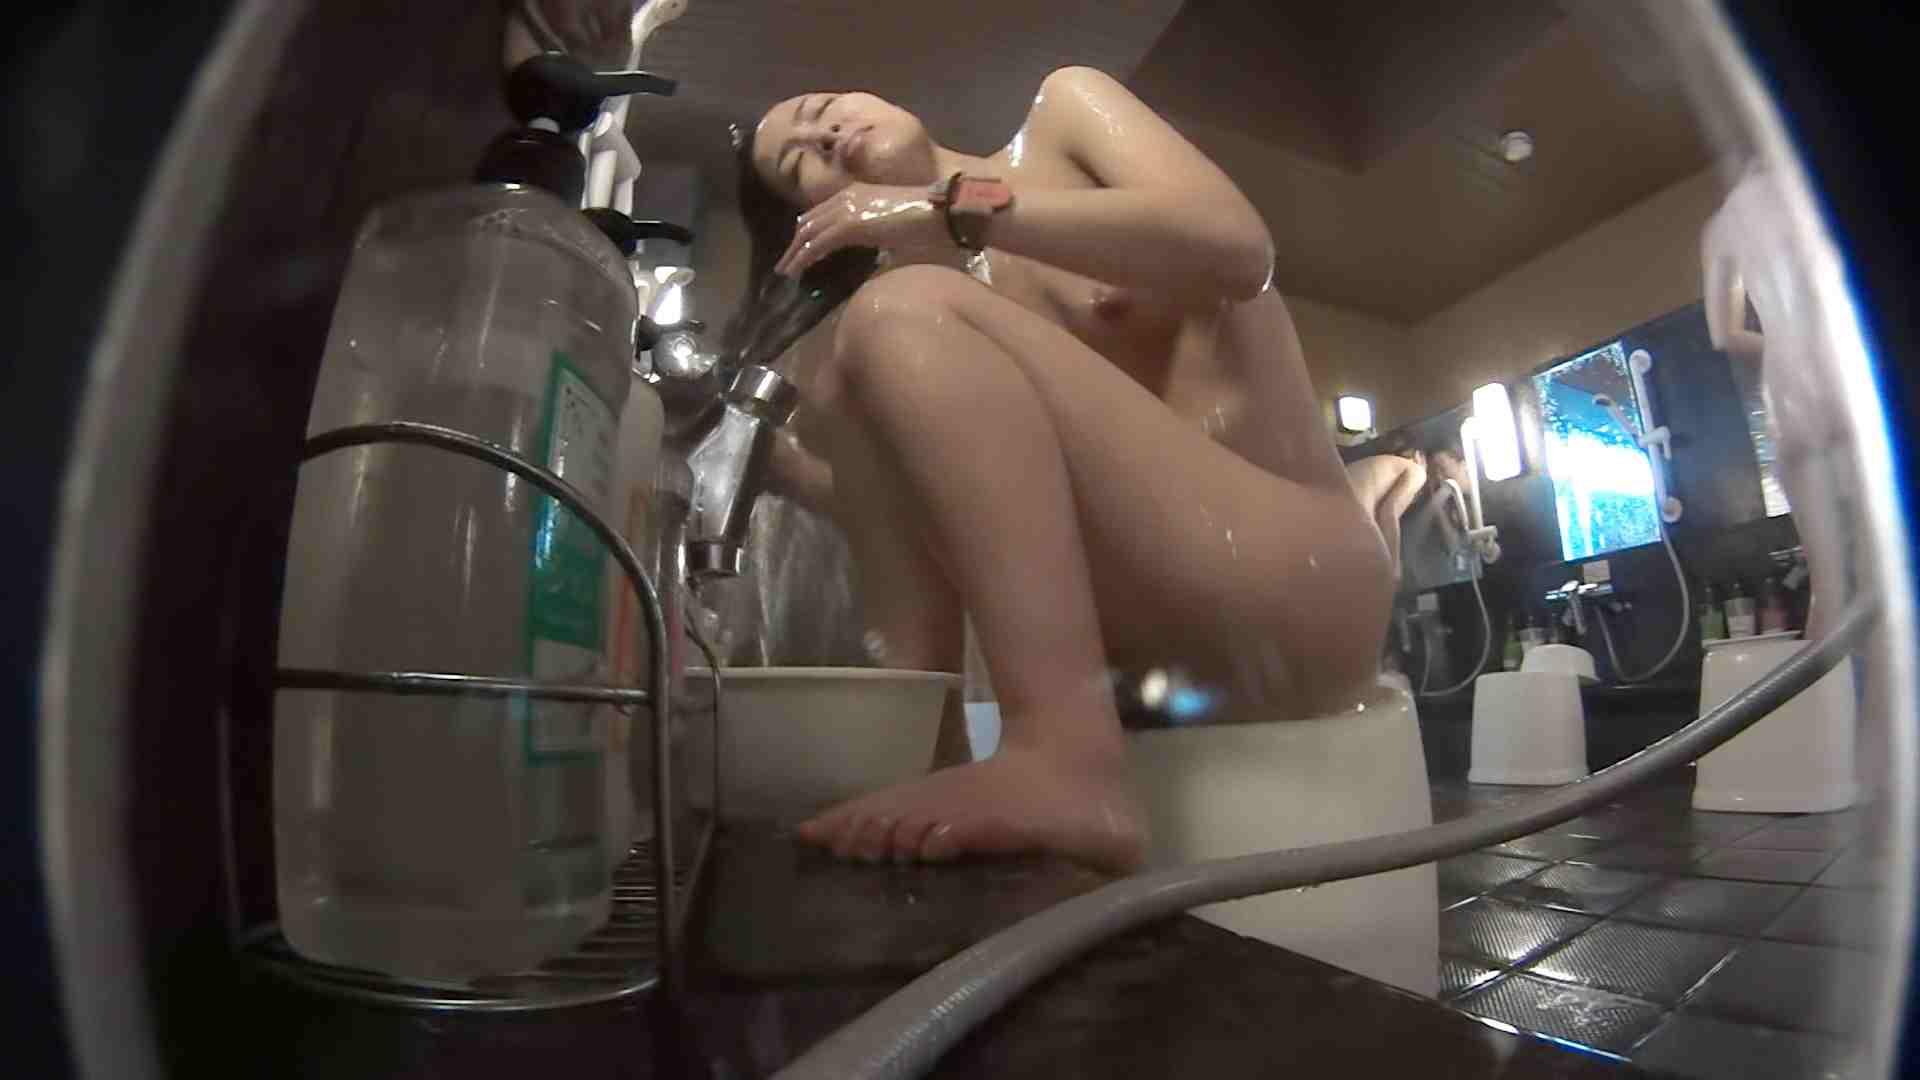 TG.09 何がそんなに可笑しいのか・・・終始ニヤニヤねえさん 女湯のぞき  80枚 36